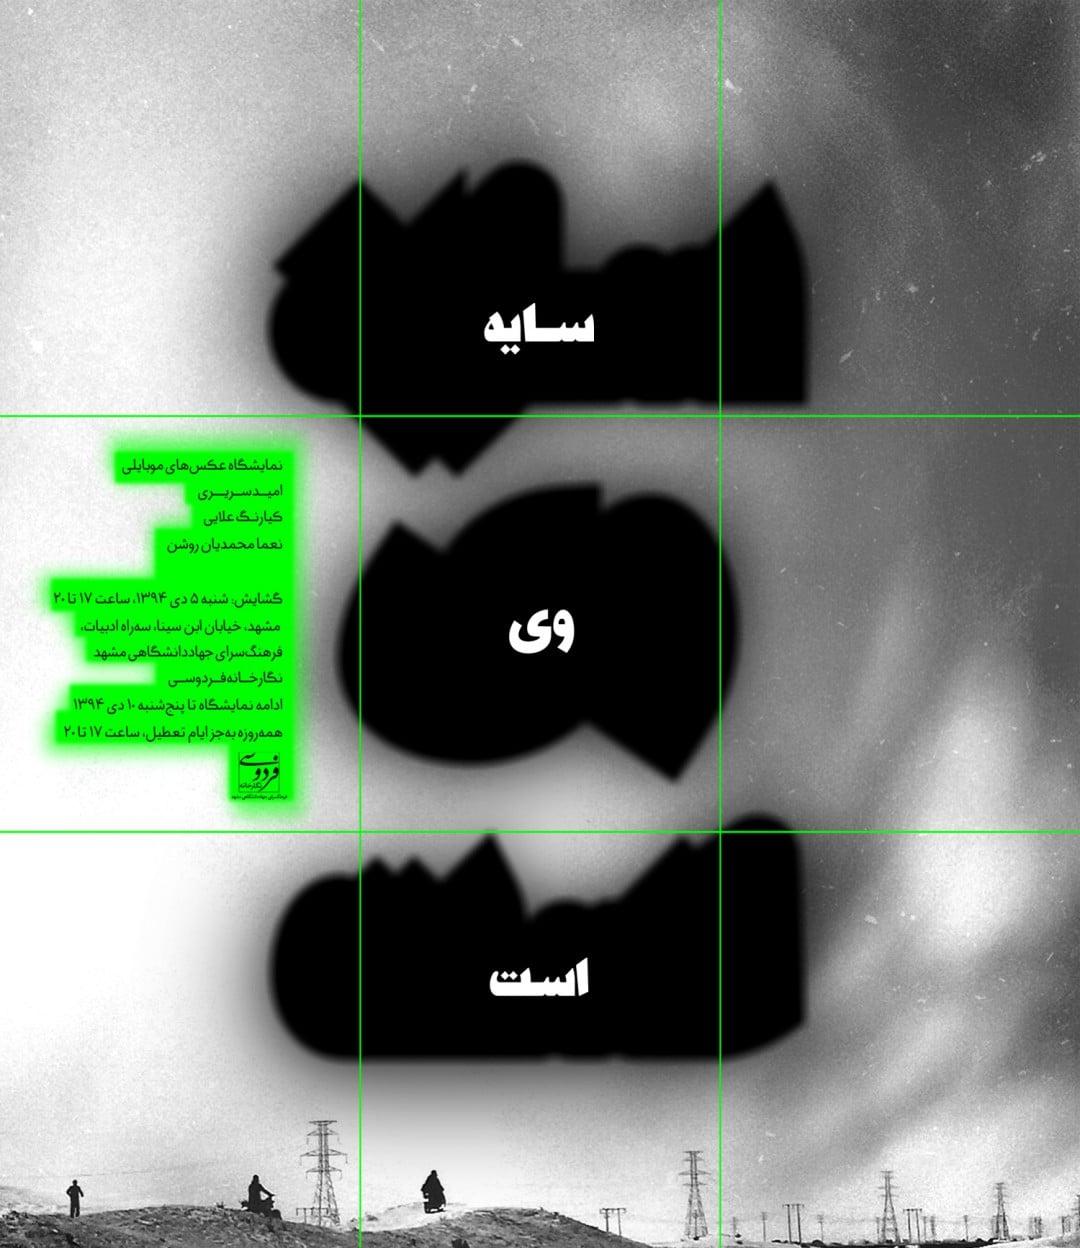 نمایشگاه عکسهای موبایلی «سایه وی است» در مشهد